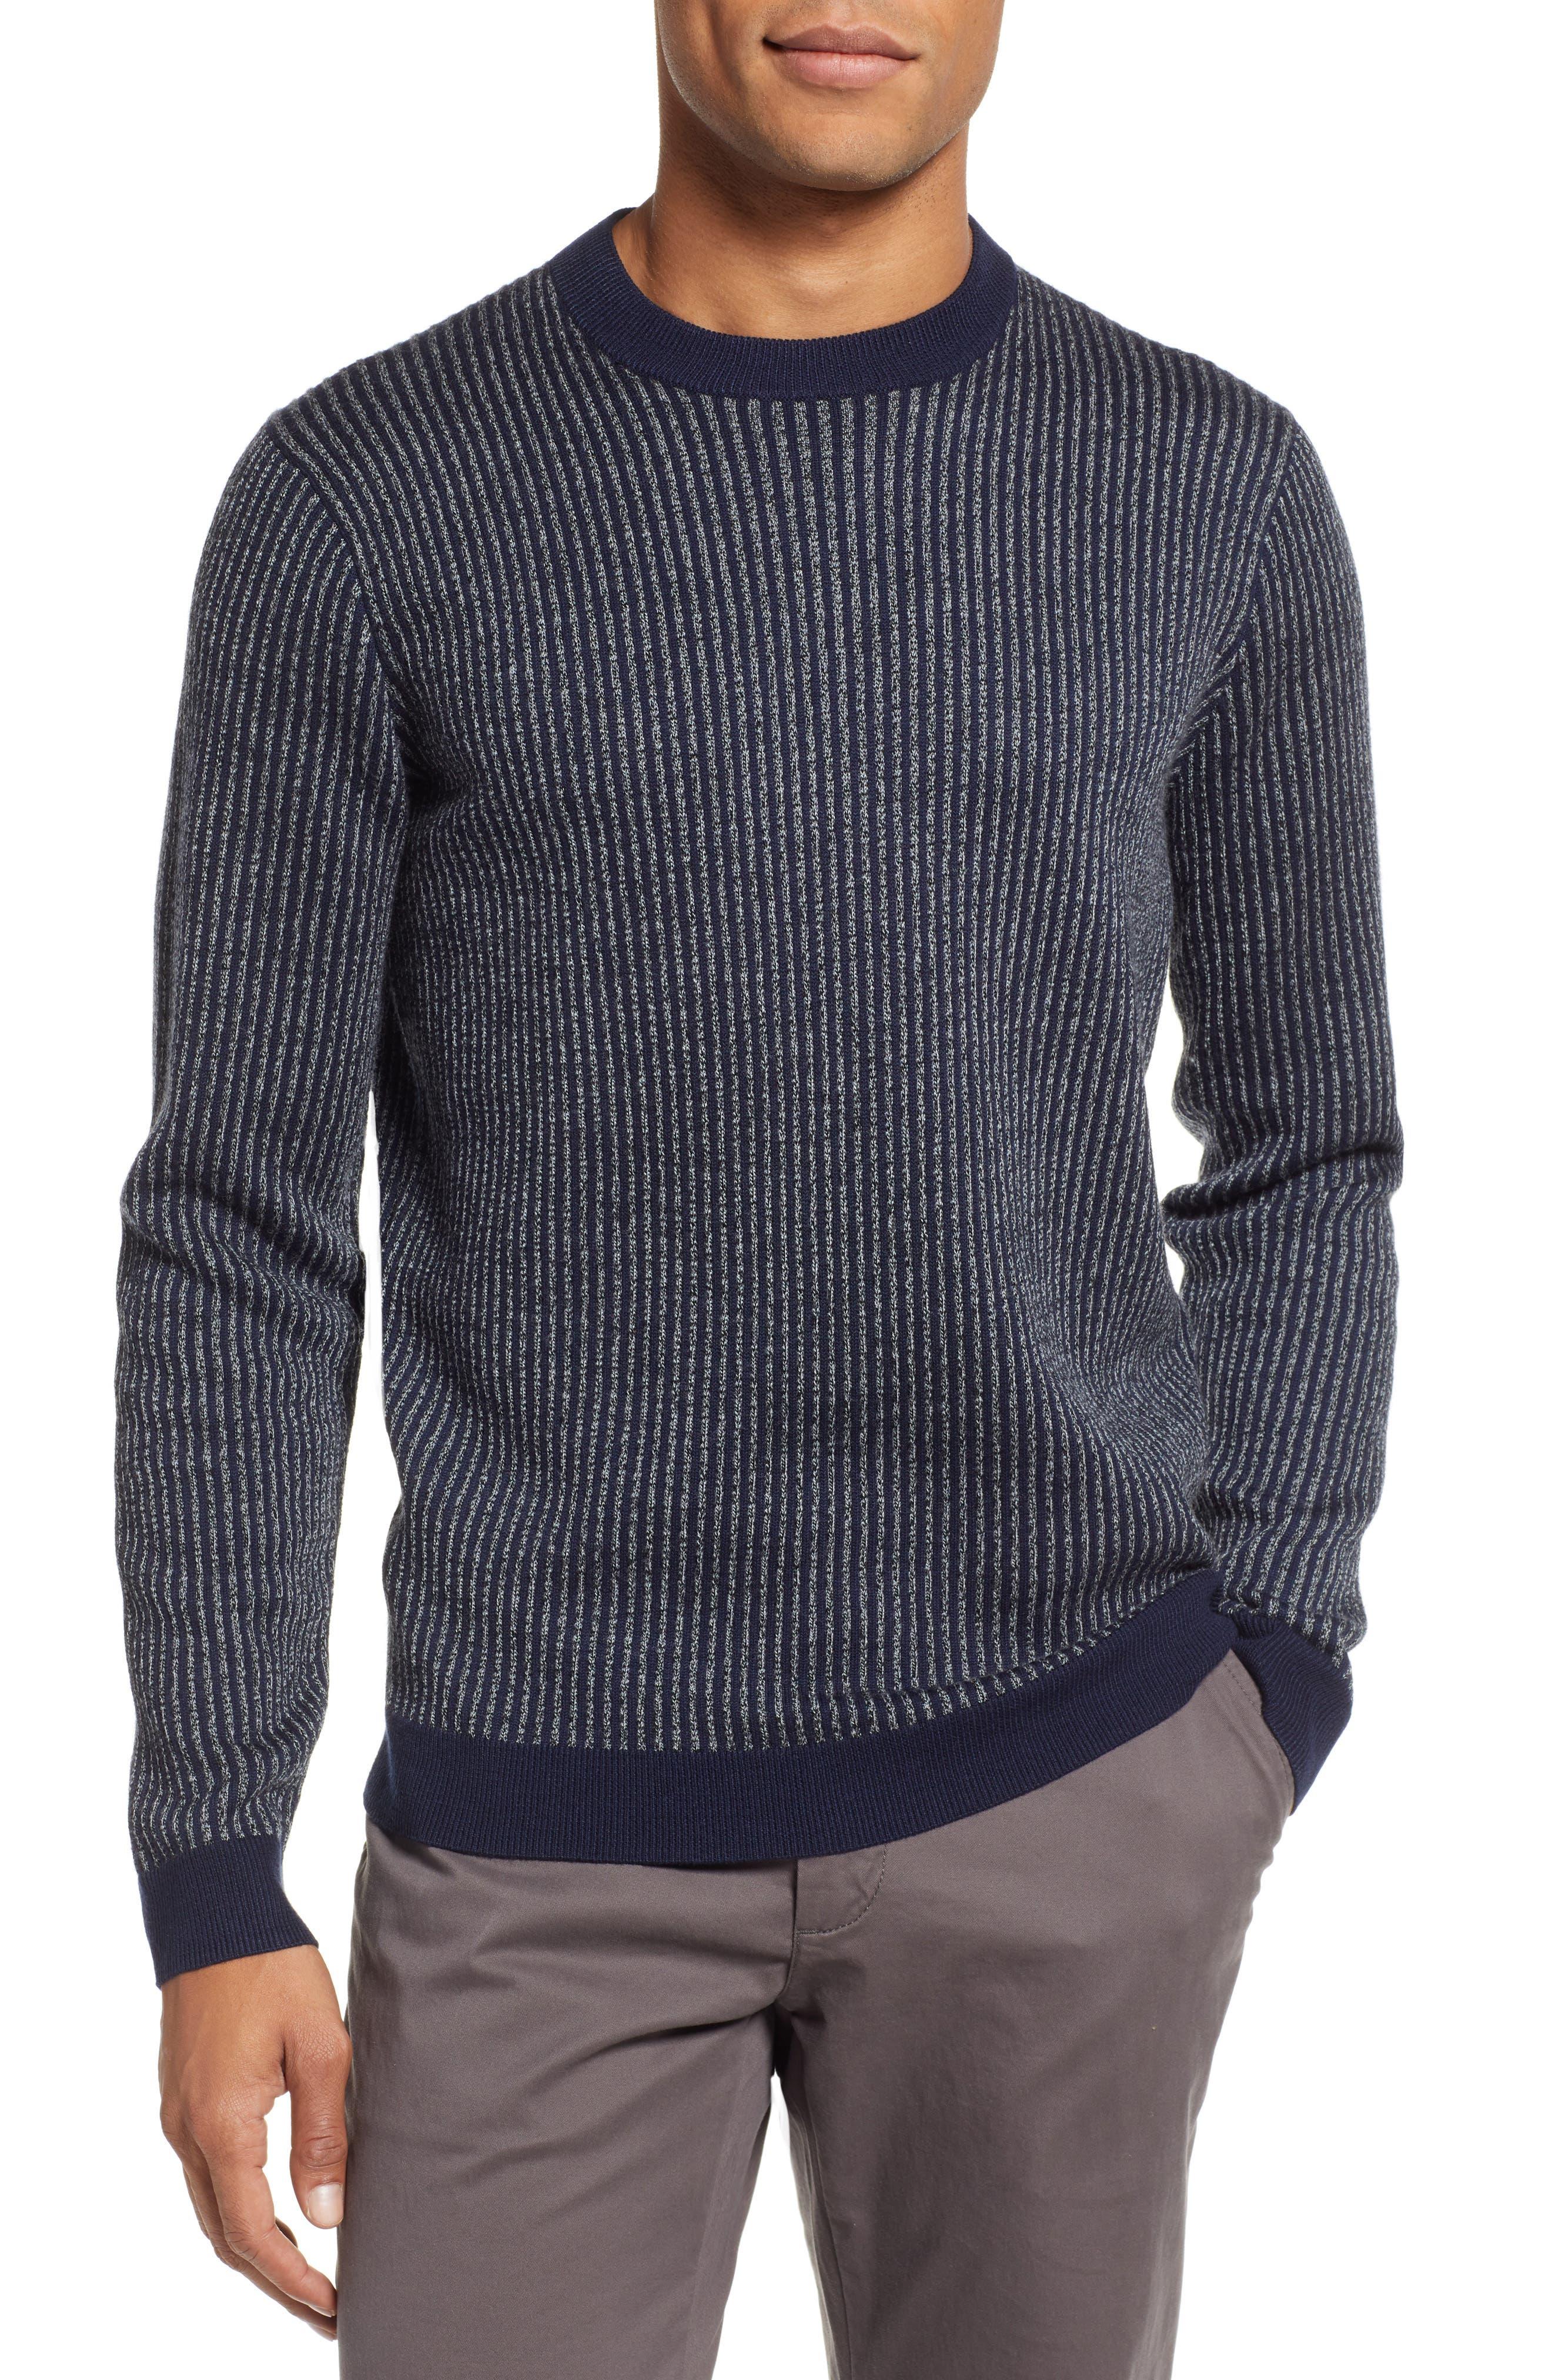 Jinxitt Crewneck Sweater,                             Main thumbnail 1, color,                             NAVY